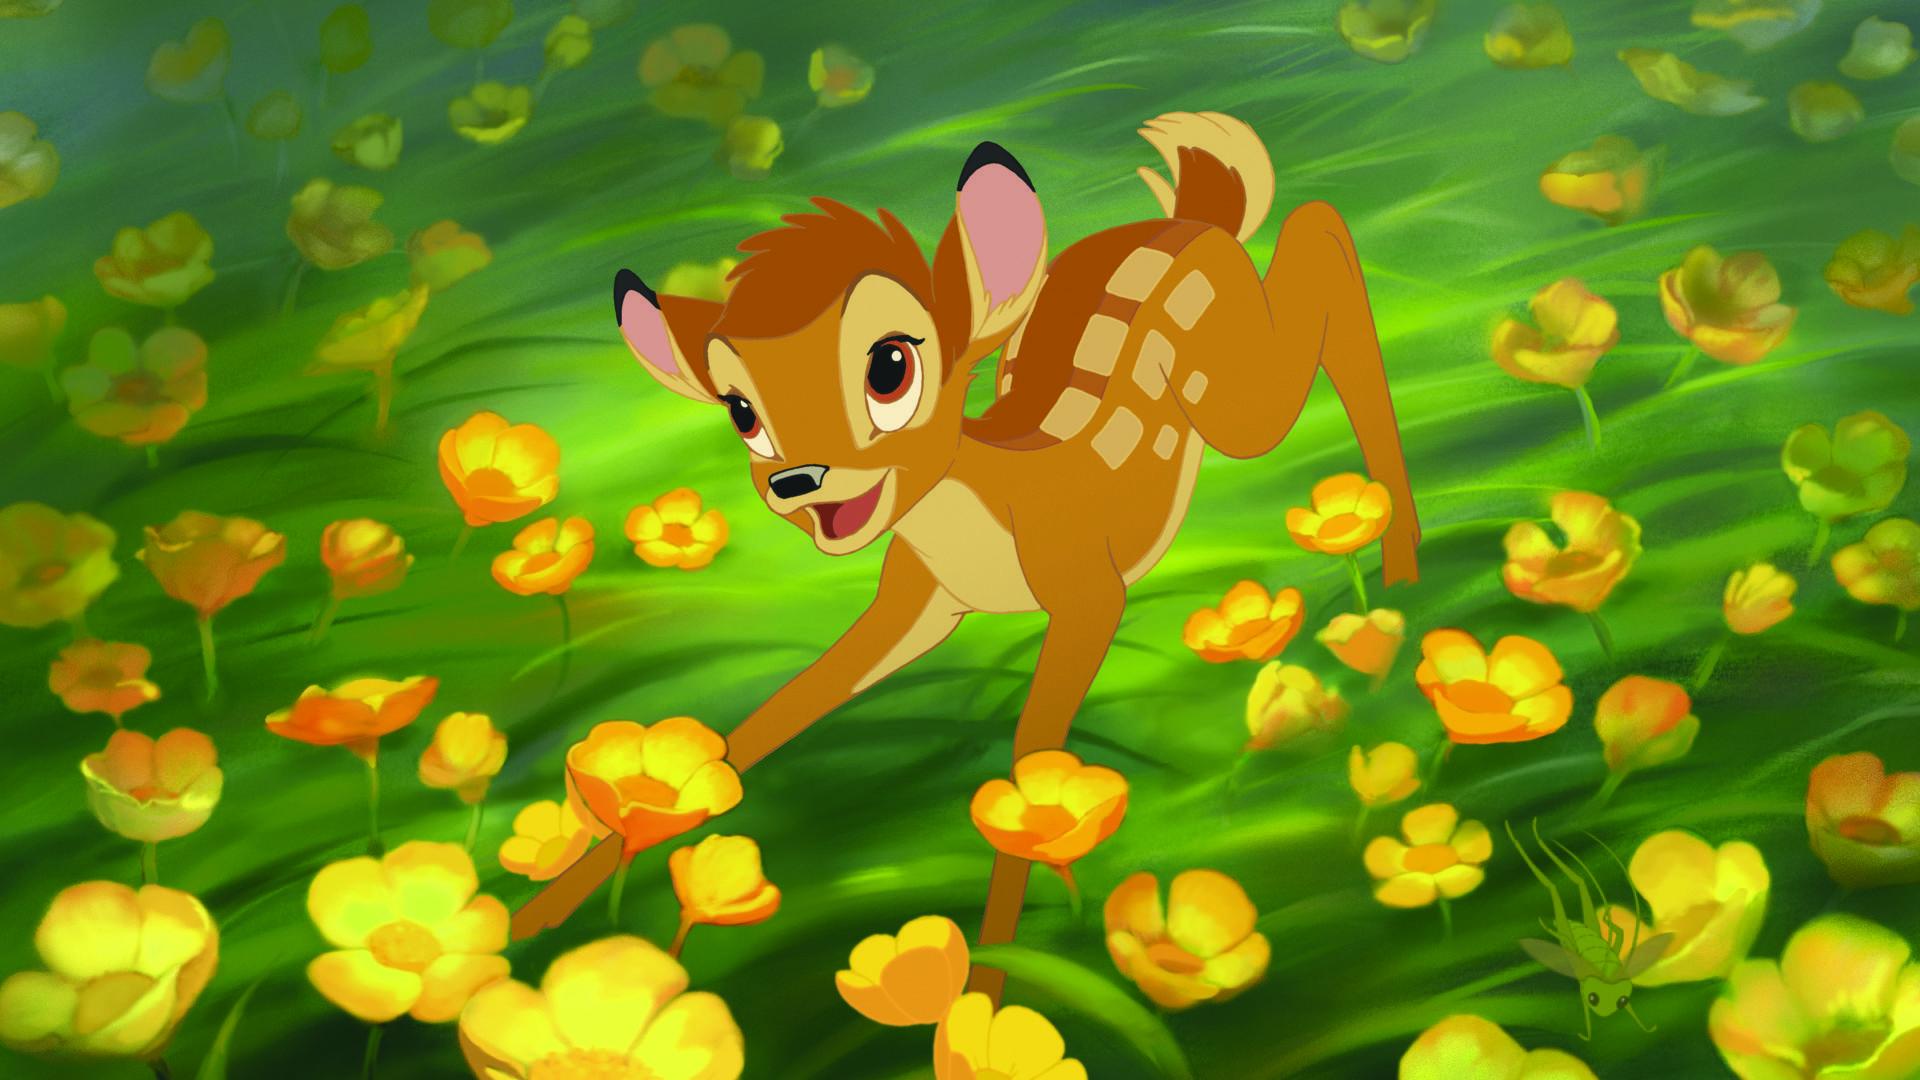 Res: 1920x1080, Bambi Spring Wallpaper | HD Desktop wallpaper Bambi running through flowers  - movies, Bambi .